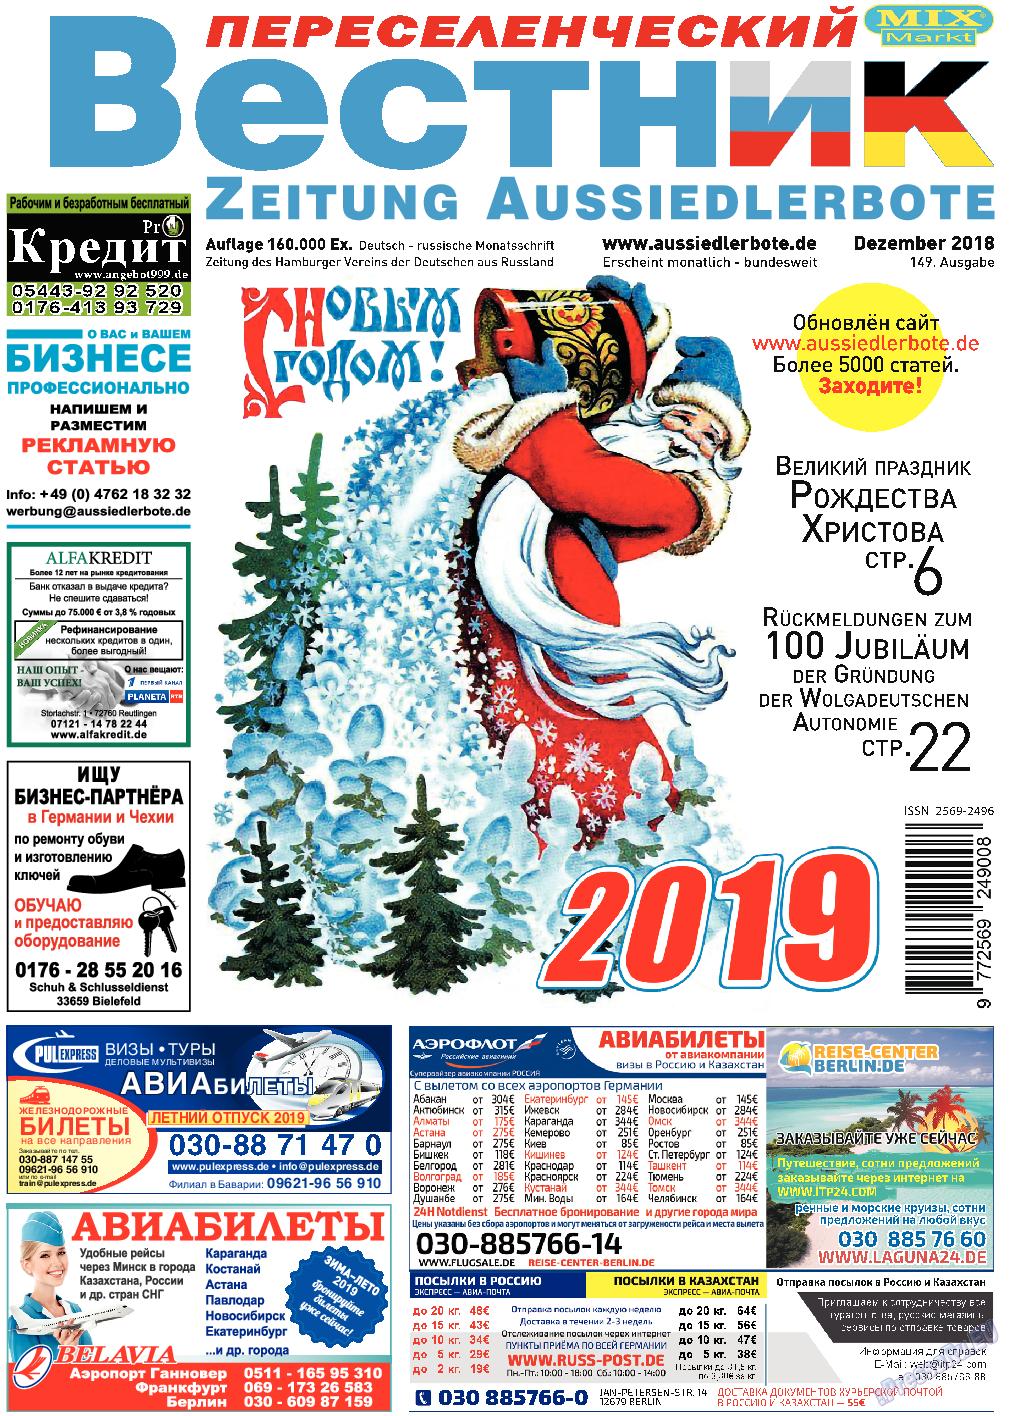 Переселенческий вестник (газета). 2018 год, номер 12, стр. 1